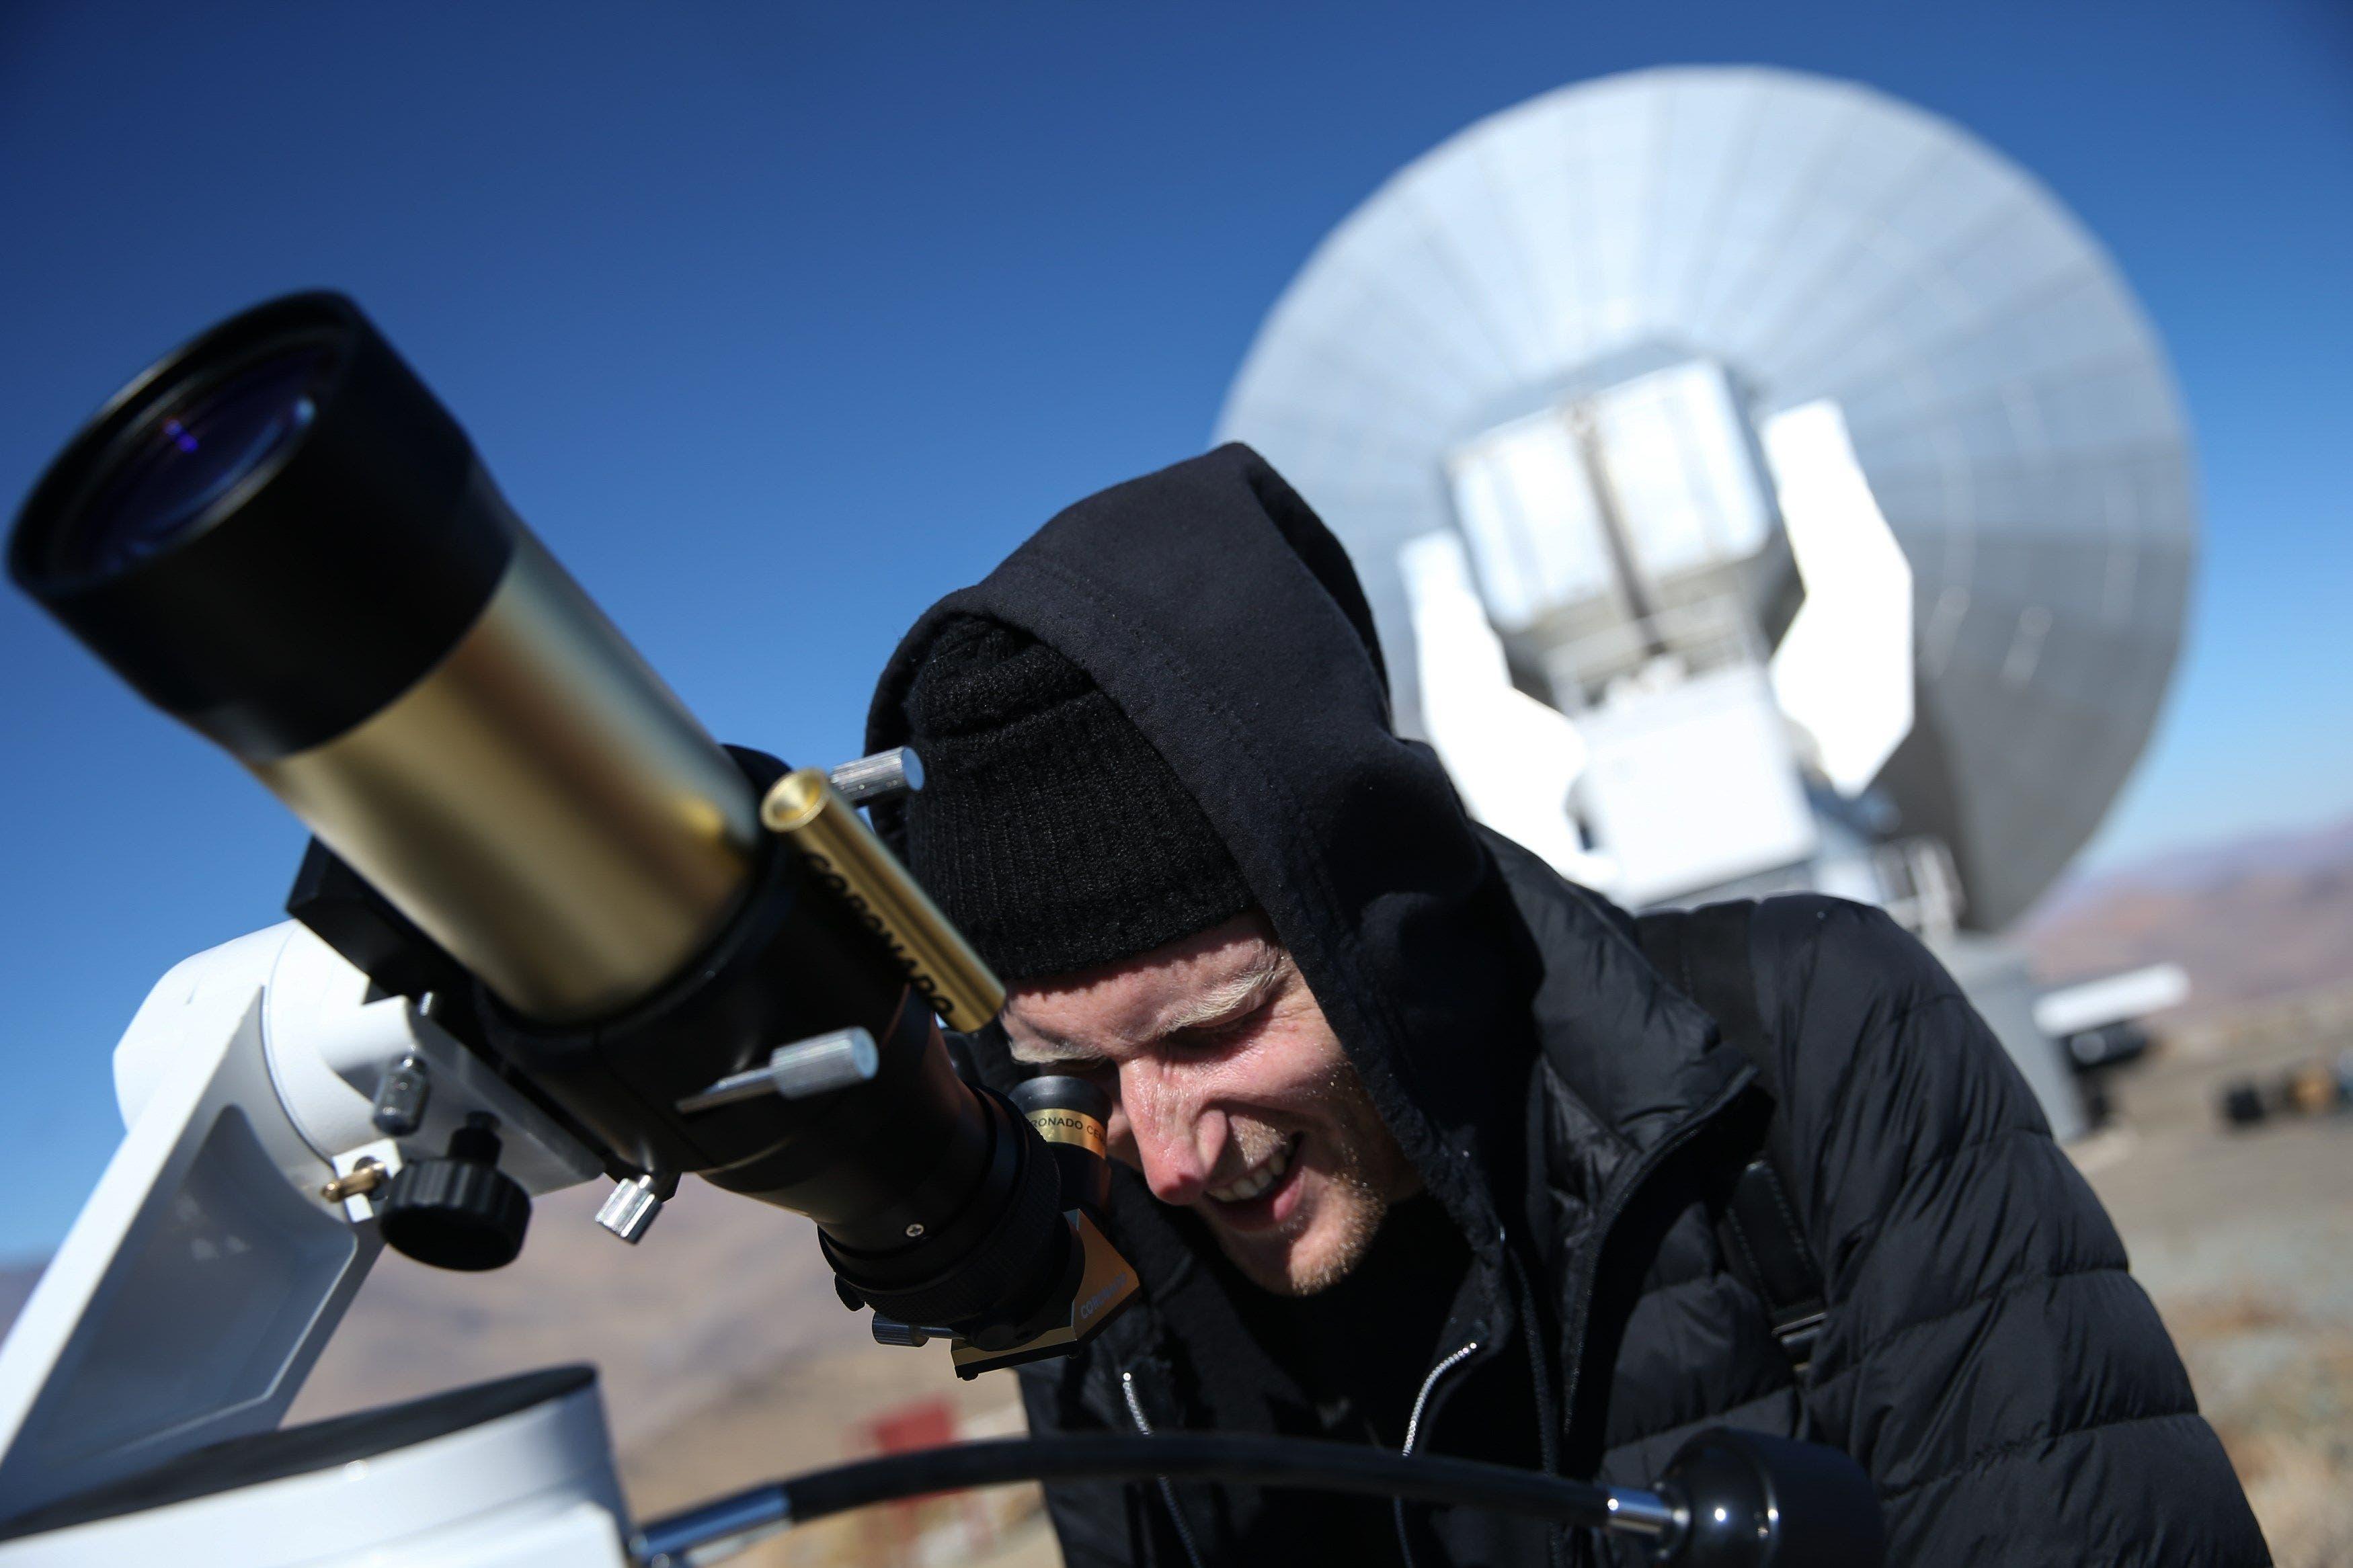 2. Un hombre observa el sol a través de un telescopio horas antes de que comience el eclipse solar total, este martes en el Observatorio de La Silla, situado en la región de Coquimbo (Chile). Cientos de personas se reunieron hoy para presenciar el eclipse total y parcial de sol que se pudo ver desde distintos países de América. EFE/ Alberto Valdés